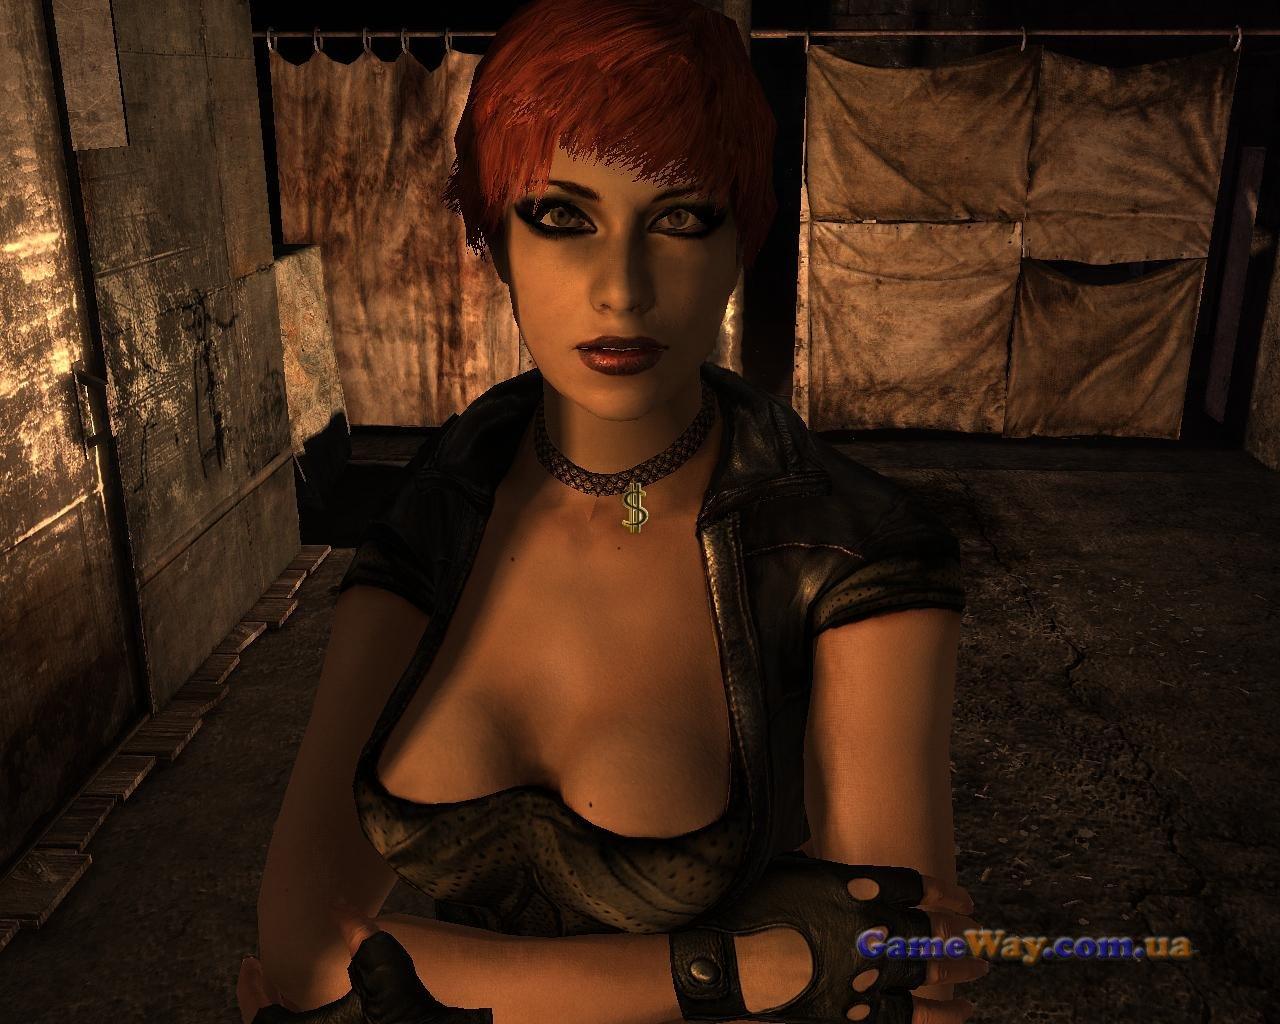 метро 2033 заходить ли к проститутке